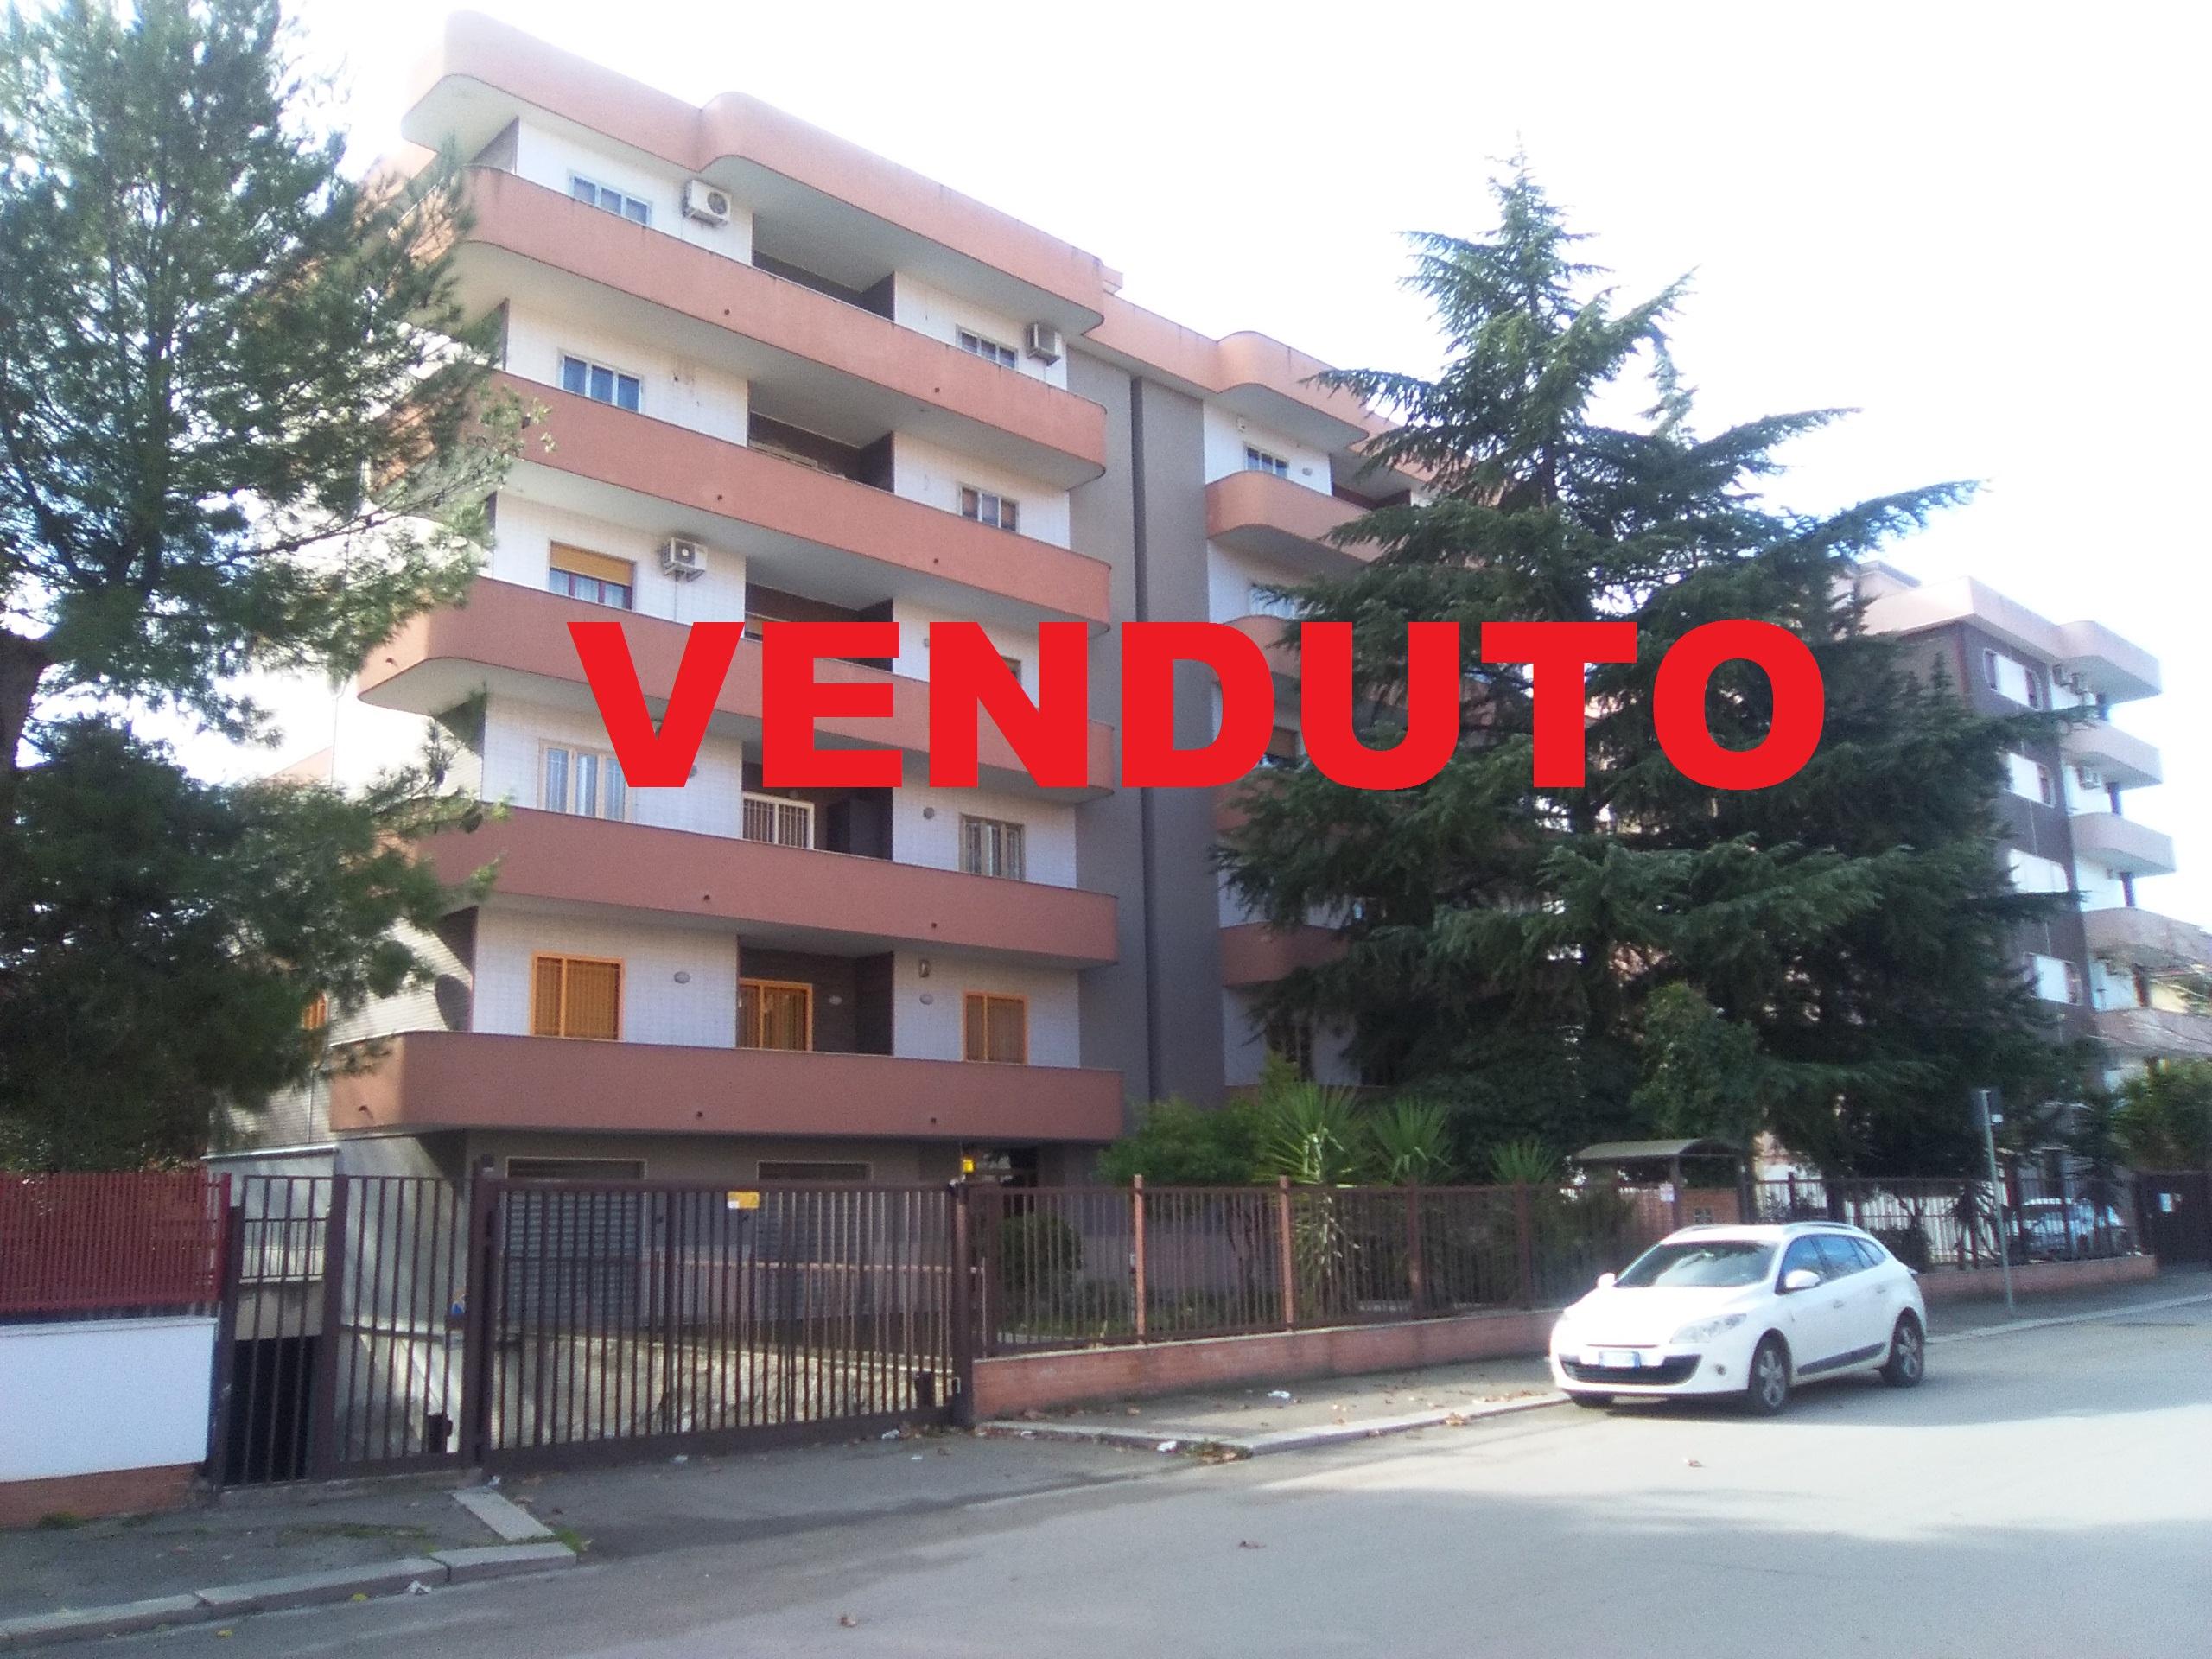 Appartamento in vendita a Foggia- Viale Giotto appartamento 5 vani doppi accessori box e cantina